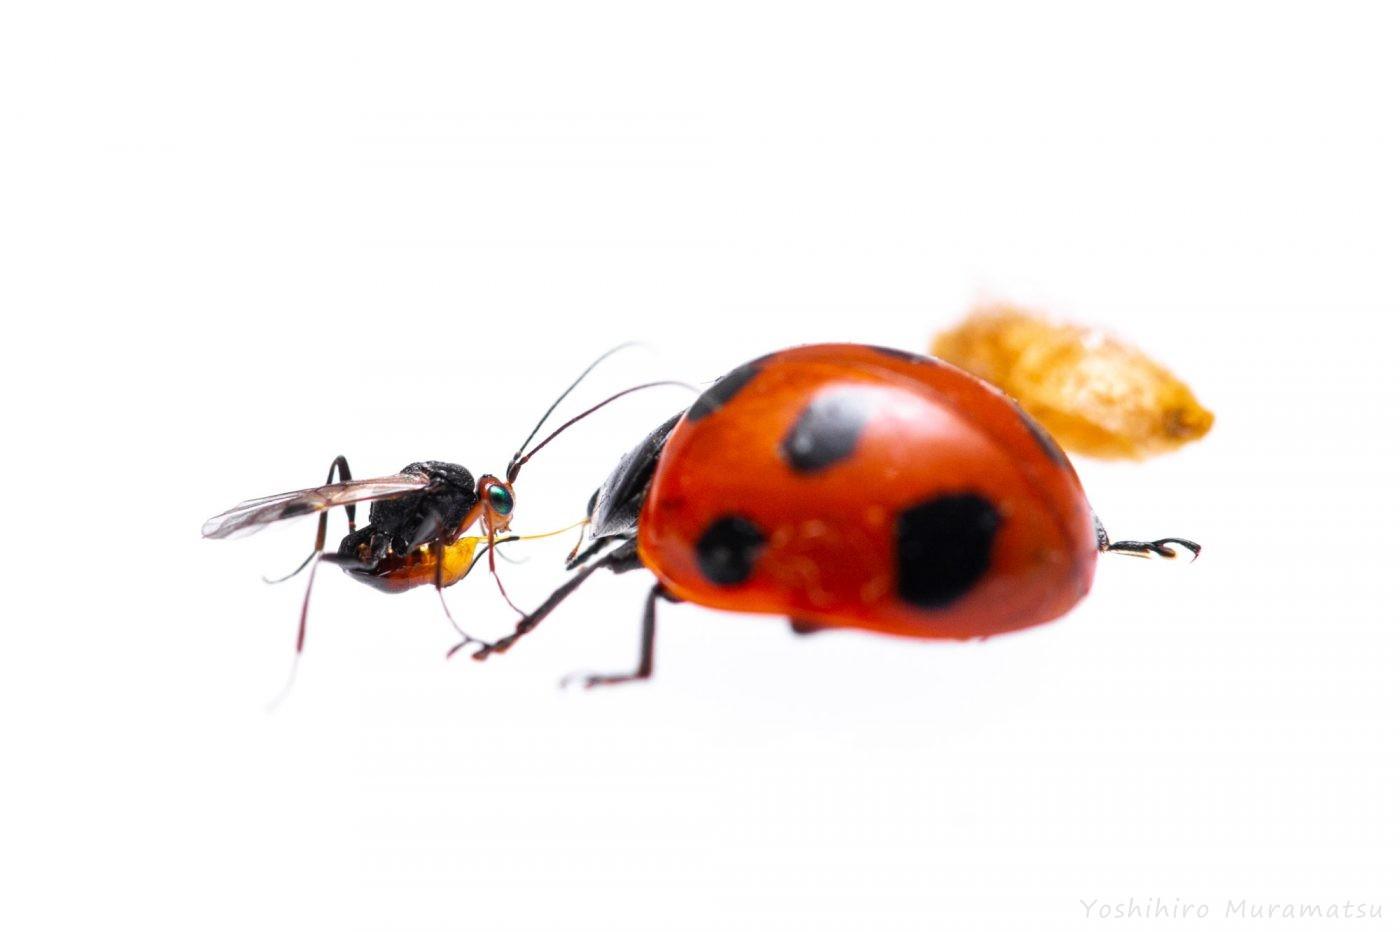 テントウハラボソコマユバチの写真